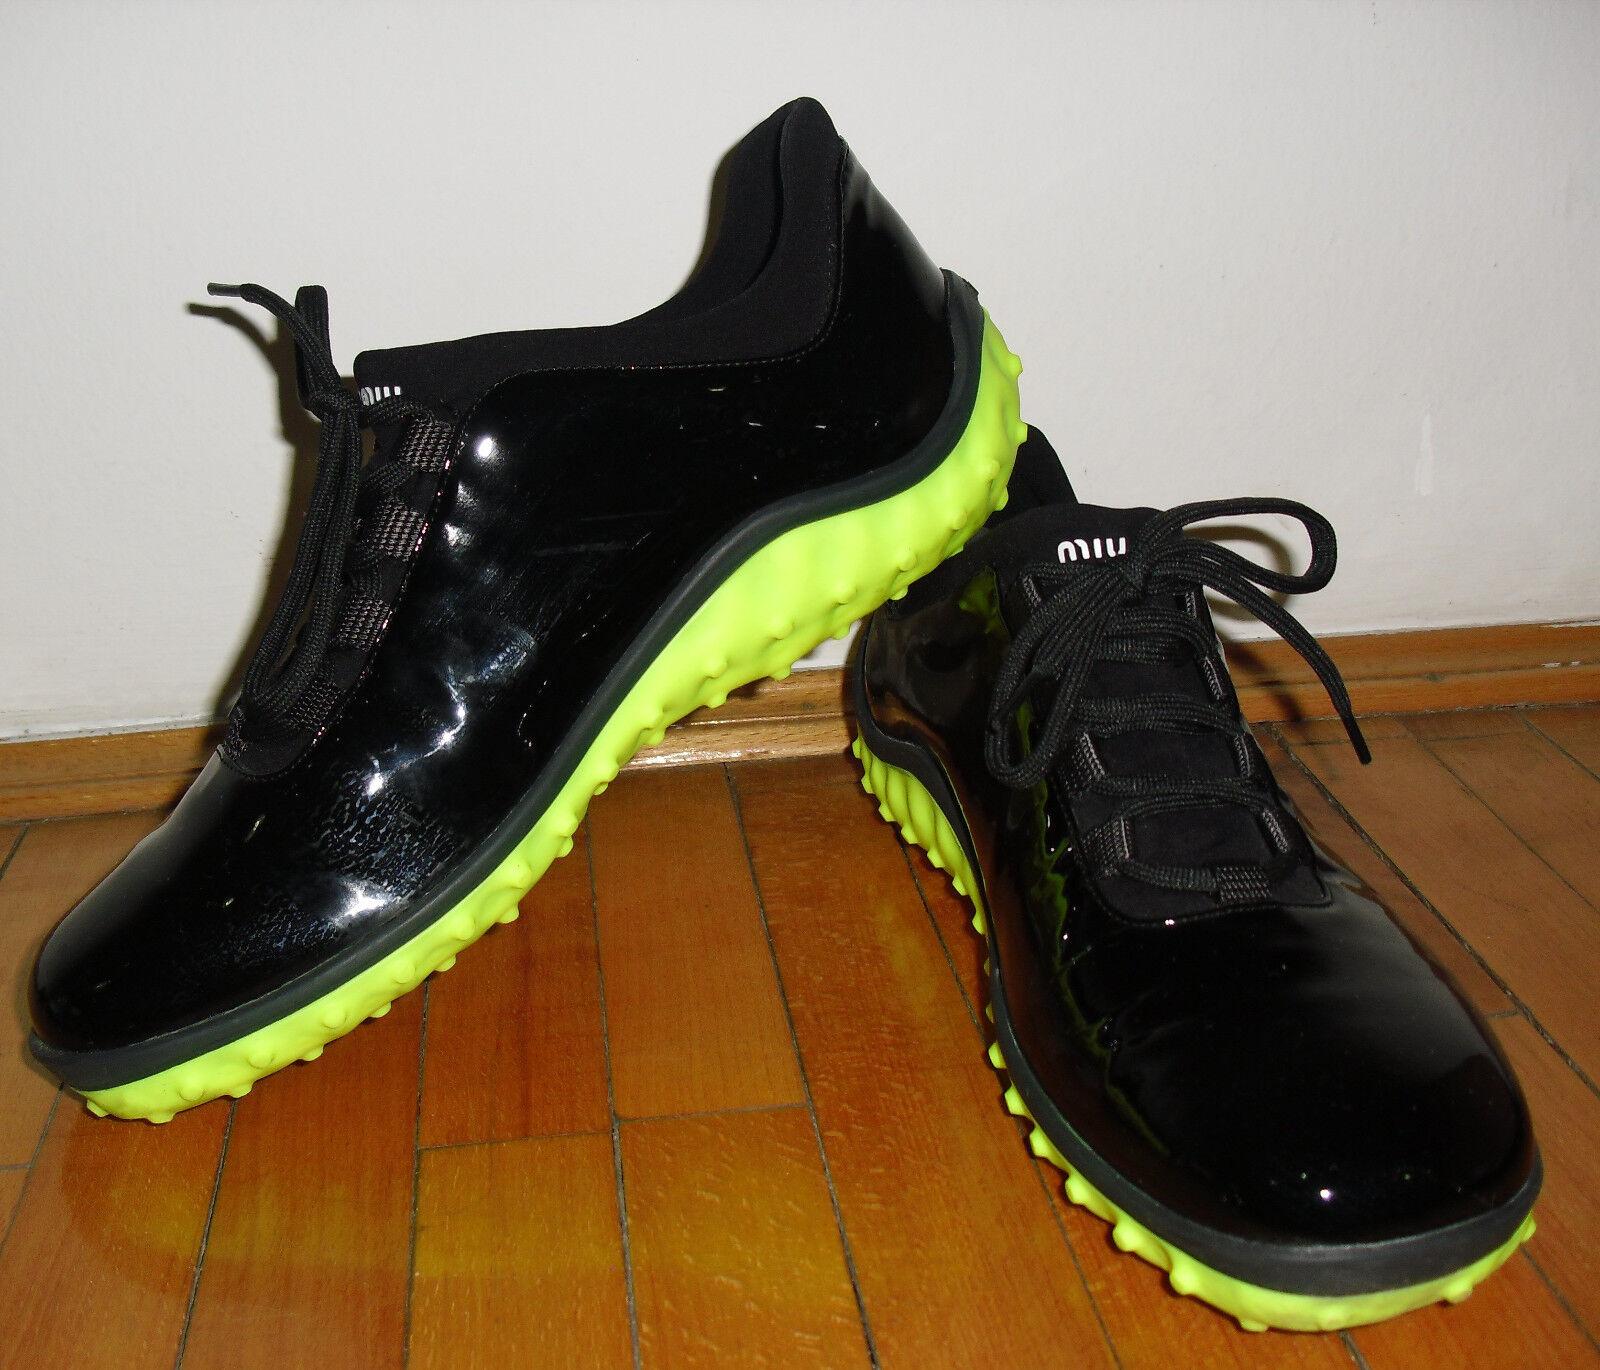 autorizzazione ufficiale Miu Miu Donna Donna Donna  scarpe da ginnastica Shiny nero  memorizzare